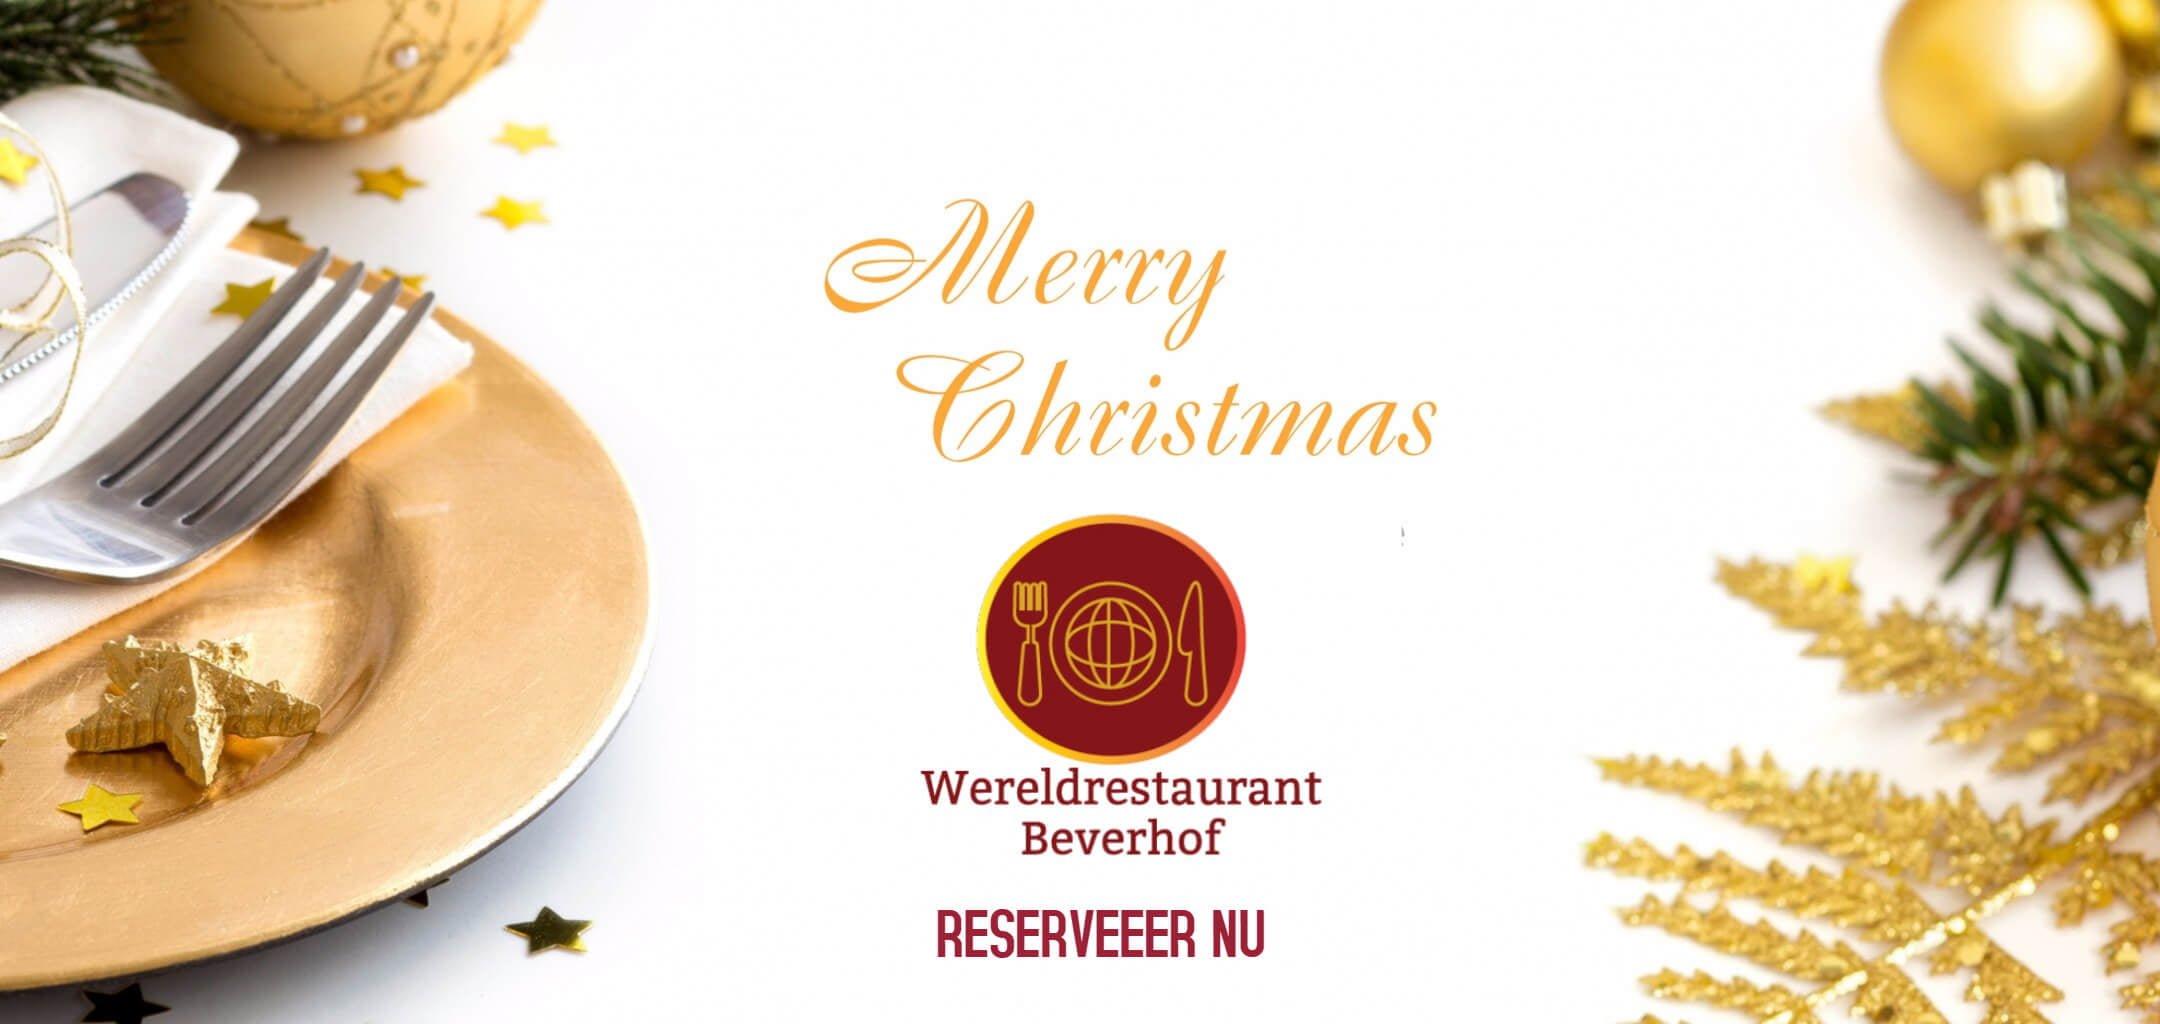 Reserveer nu voor kerst bij wereldrestaurant Beverhof Beverwijk